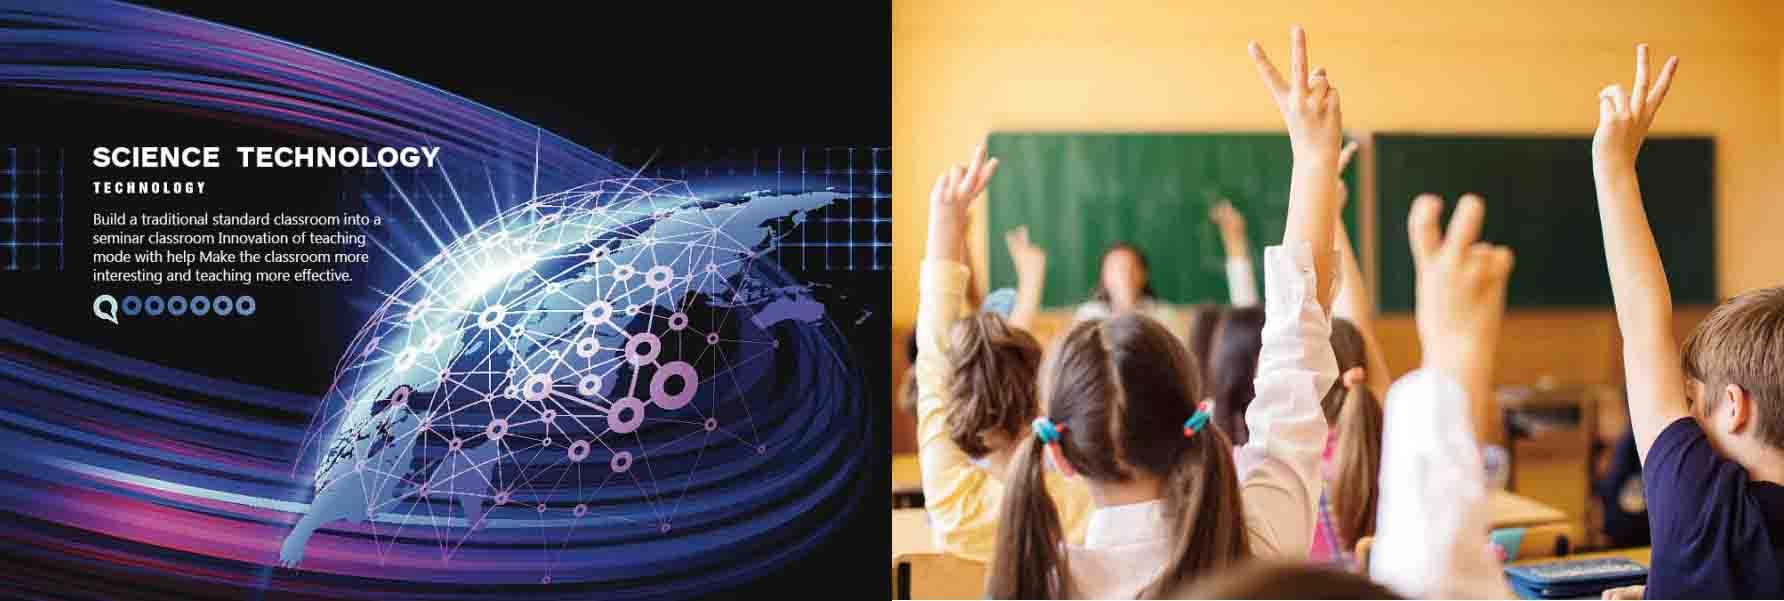 郑州玛拉蒂智慧教室——像家的学校